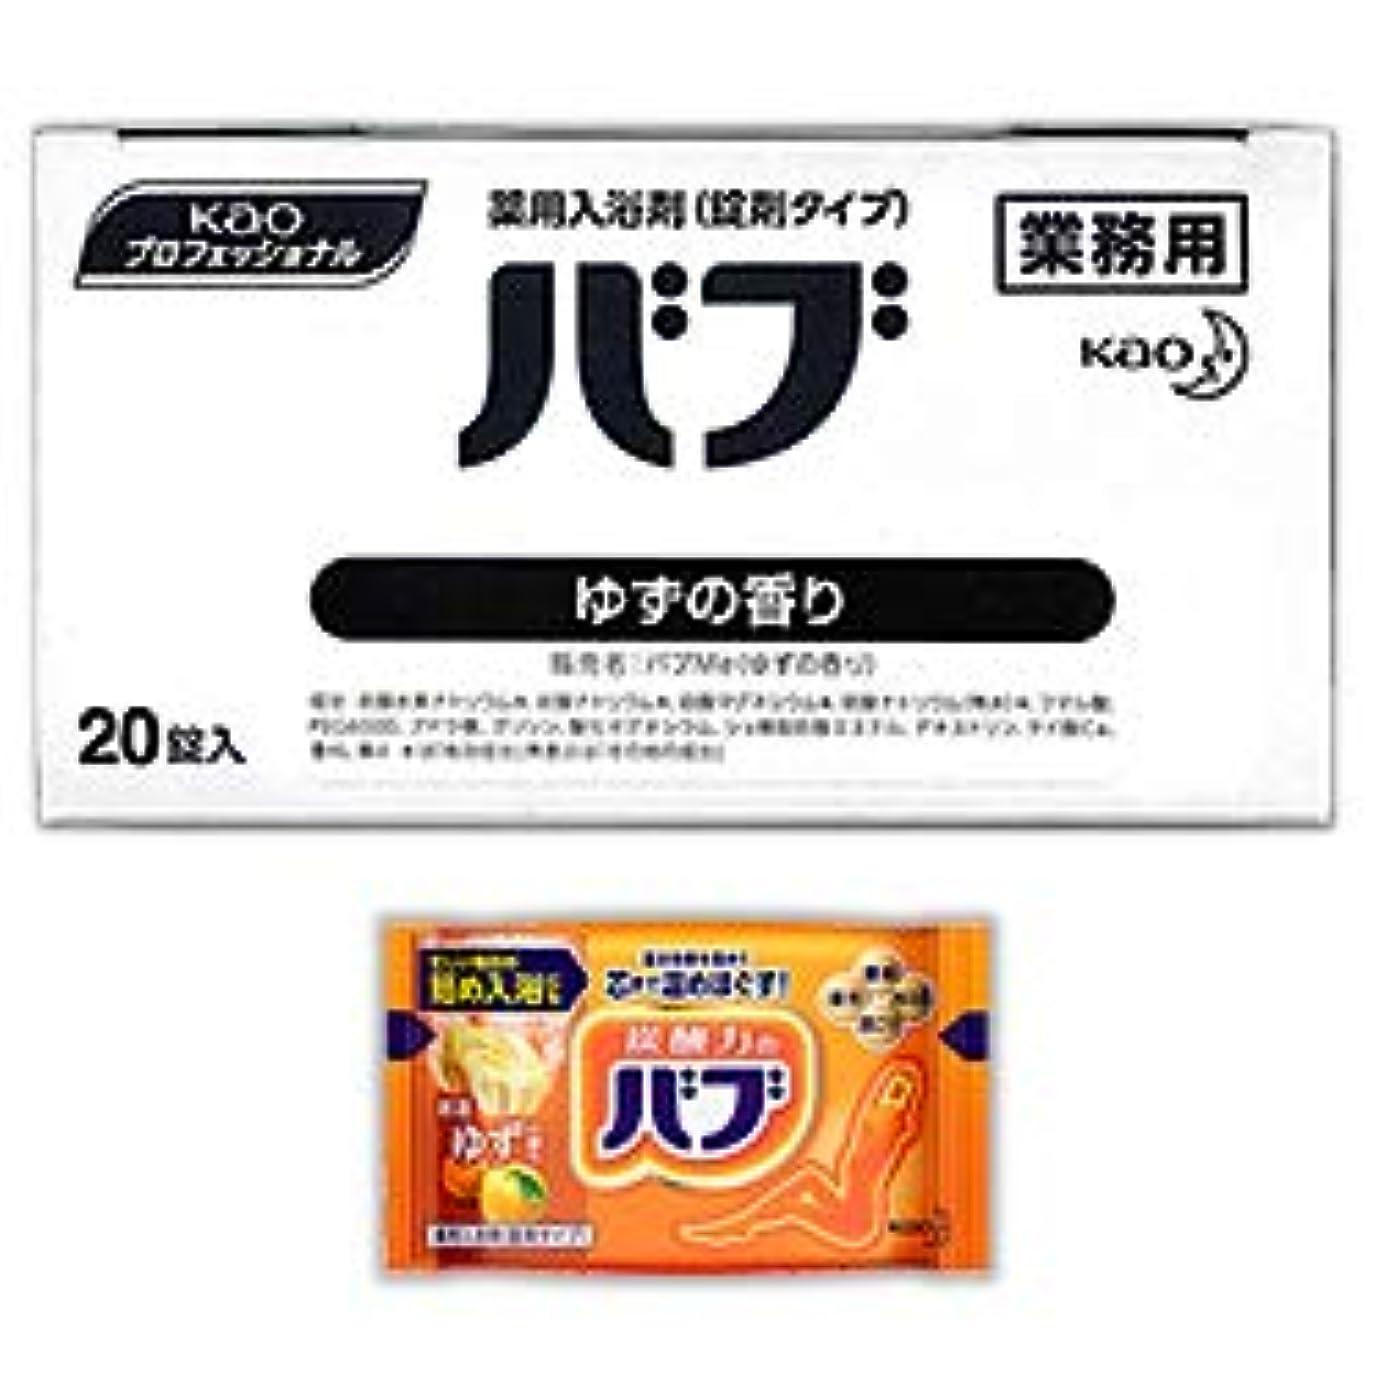 天窓ジョイント腫瘍【花王】Kaoプロフェッショナル バブ ゆずの香り(業務用) 40g×20錠入 ×5個セット